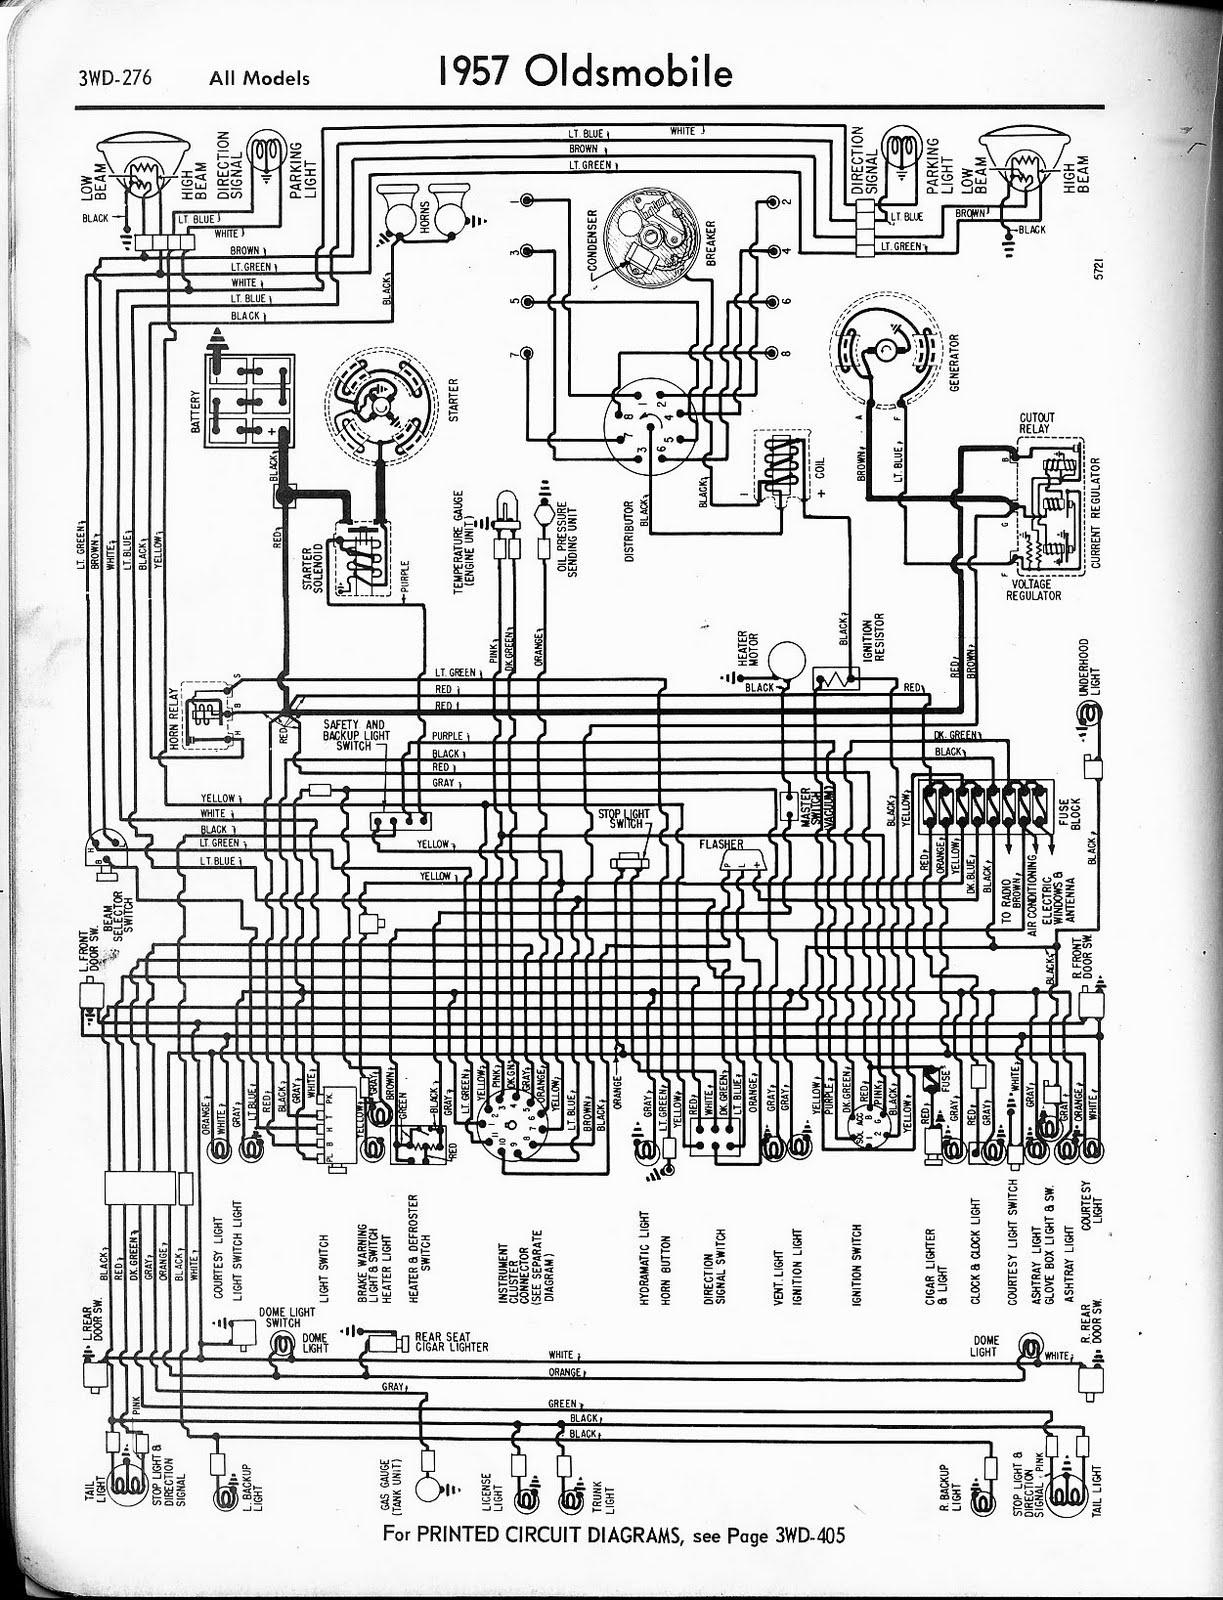 1986 Oldsmobile 88 Wiring Schematics | Wiring Diagram on